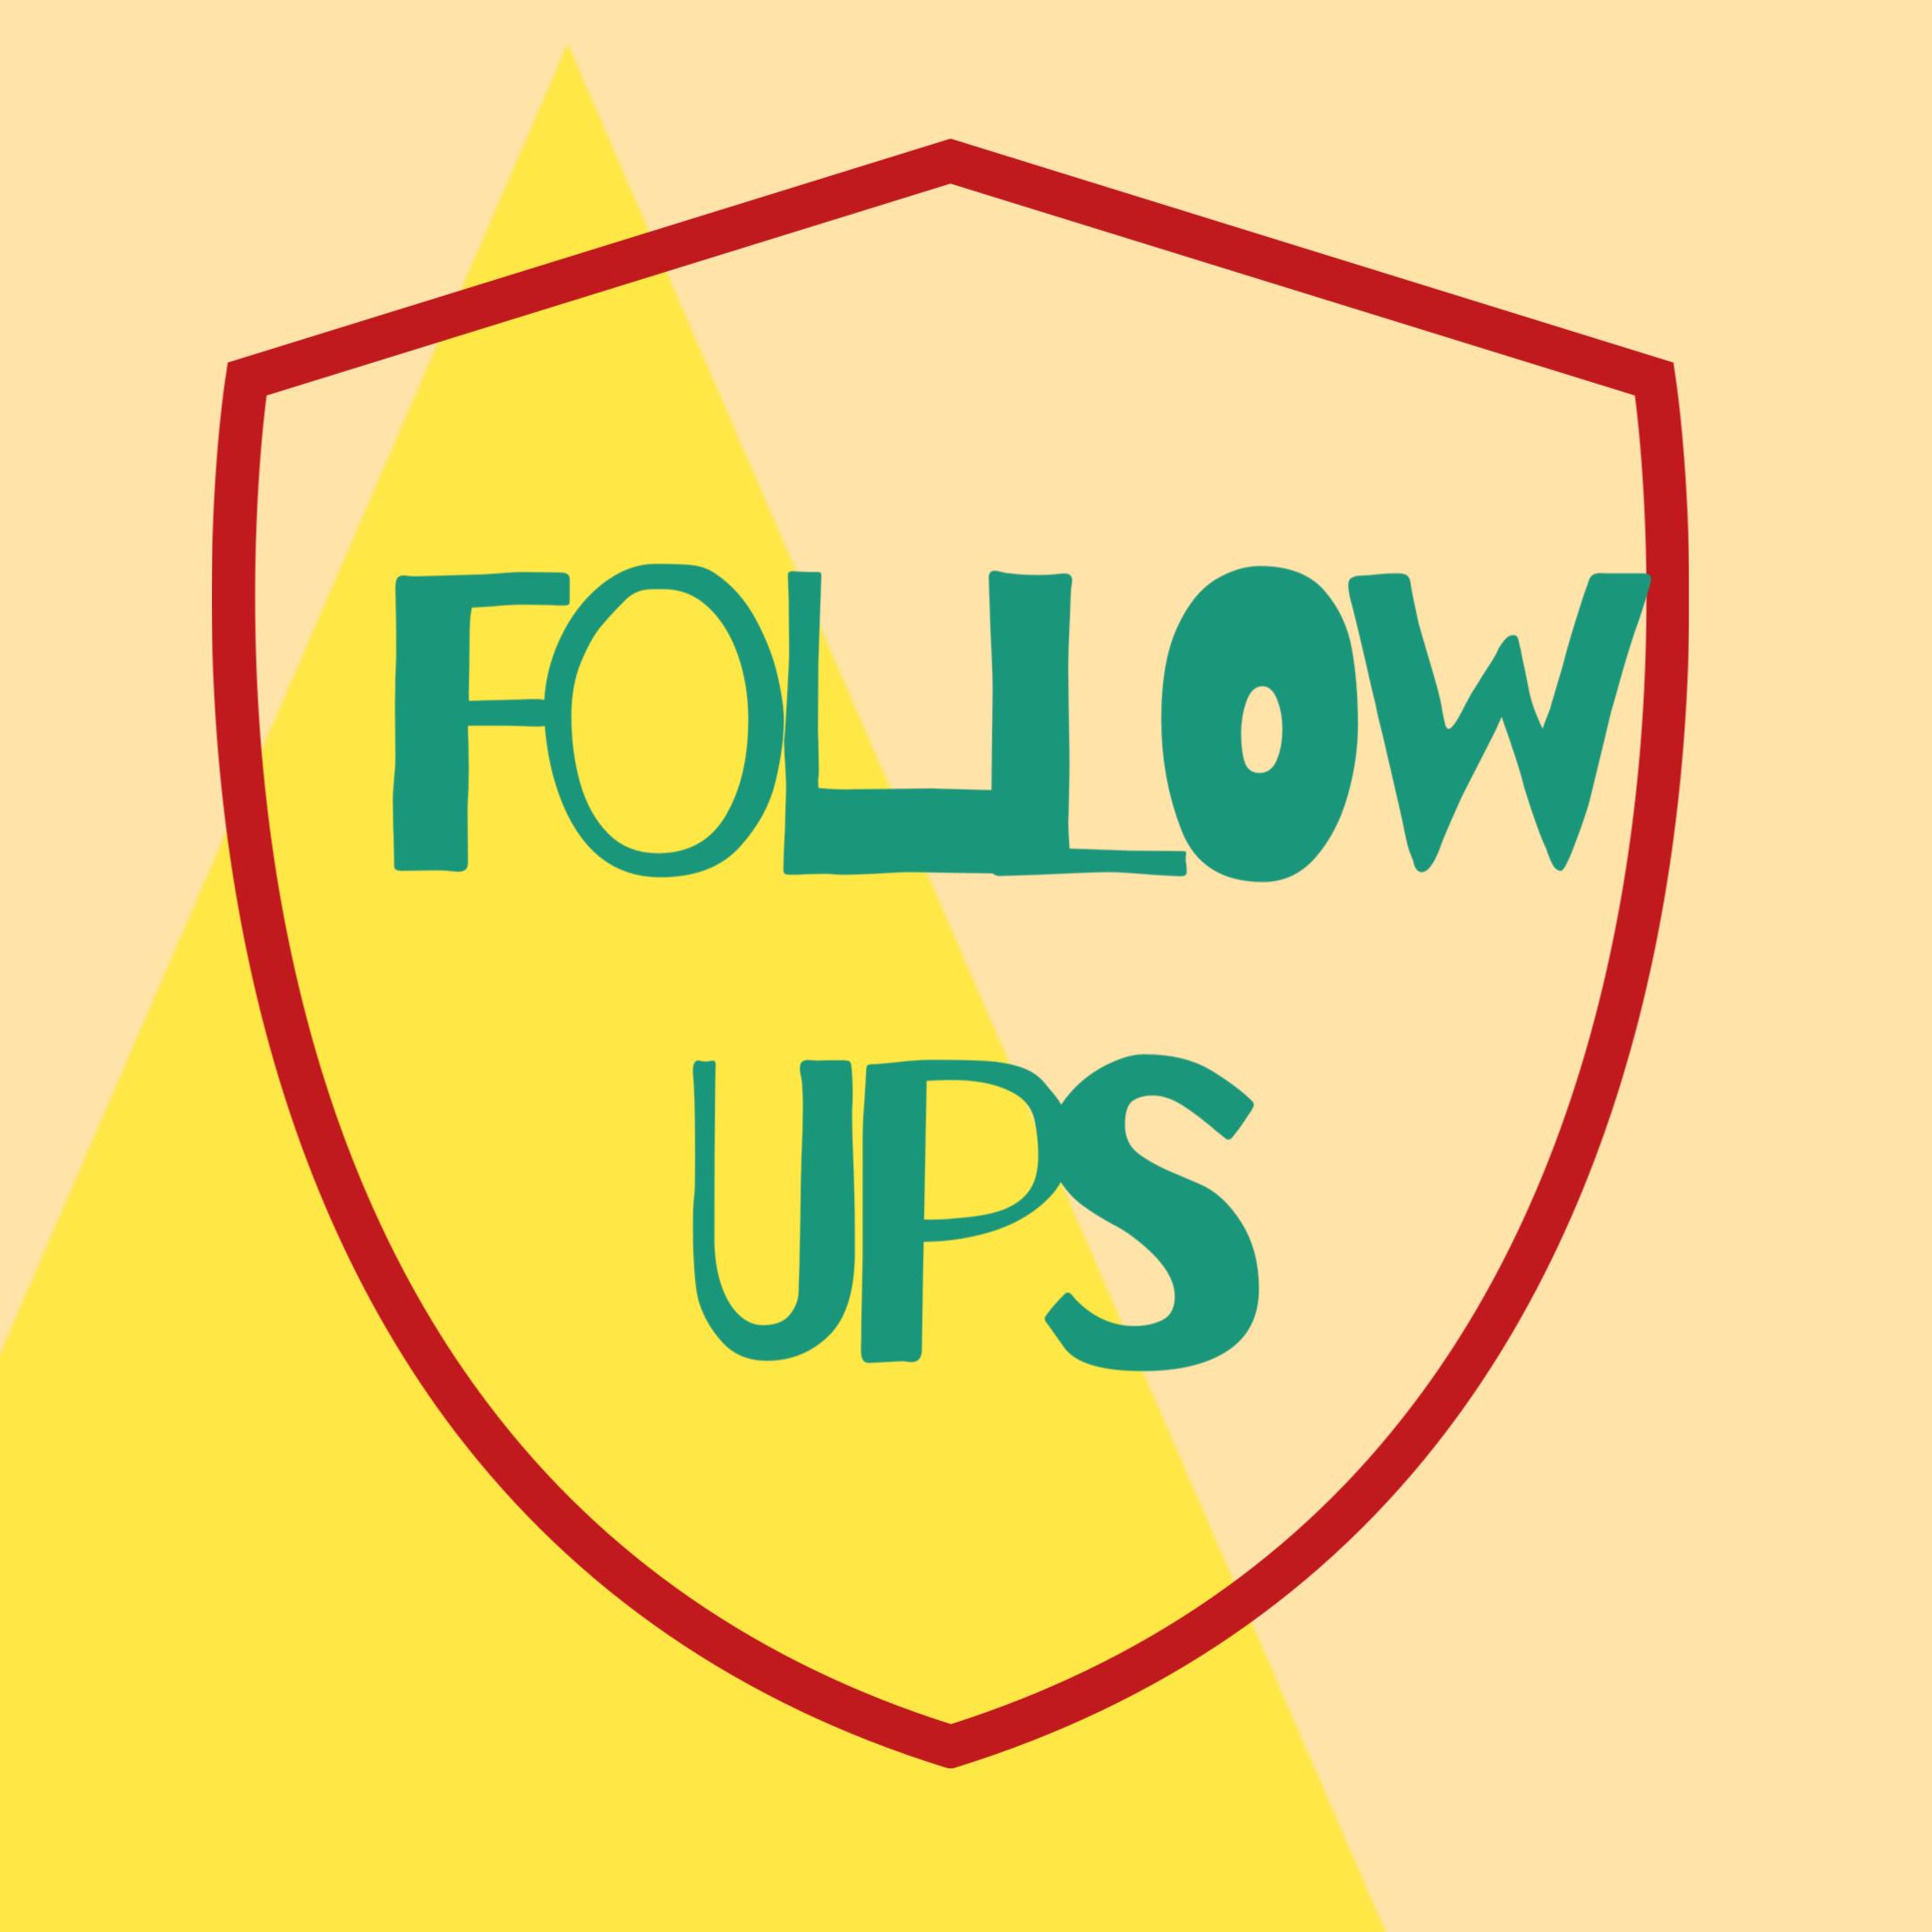 follow ups written in green on